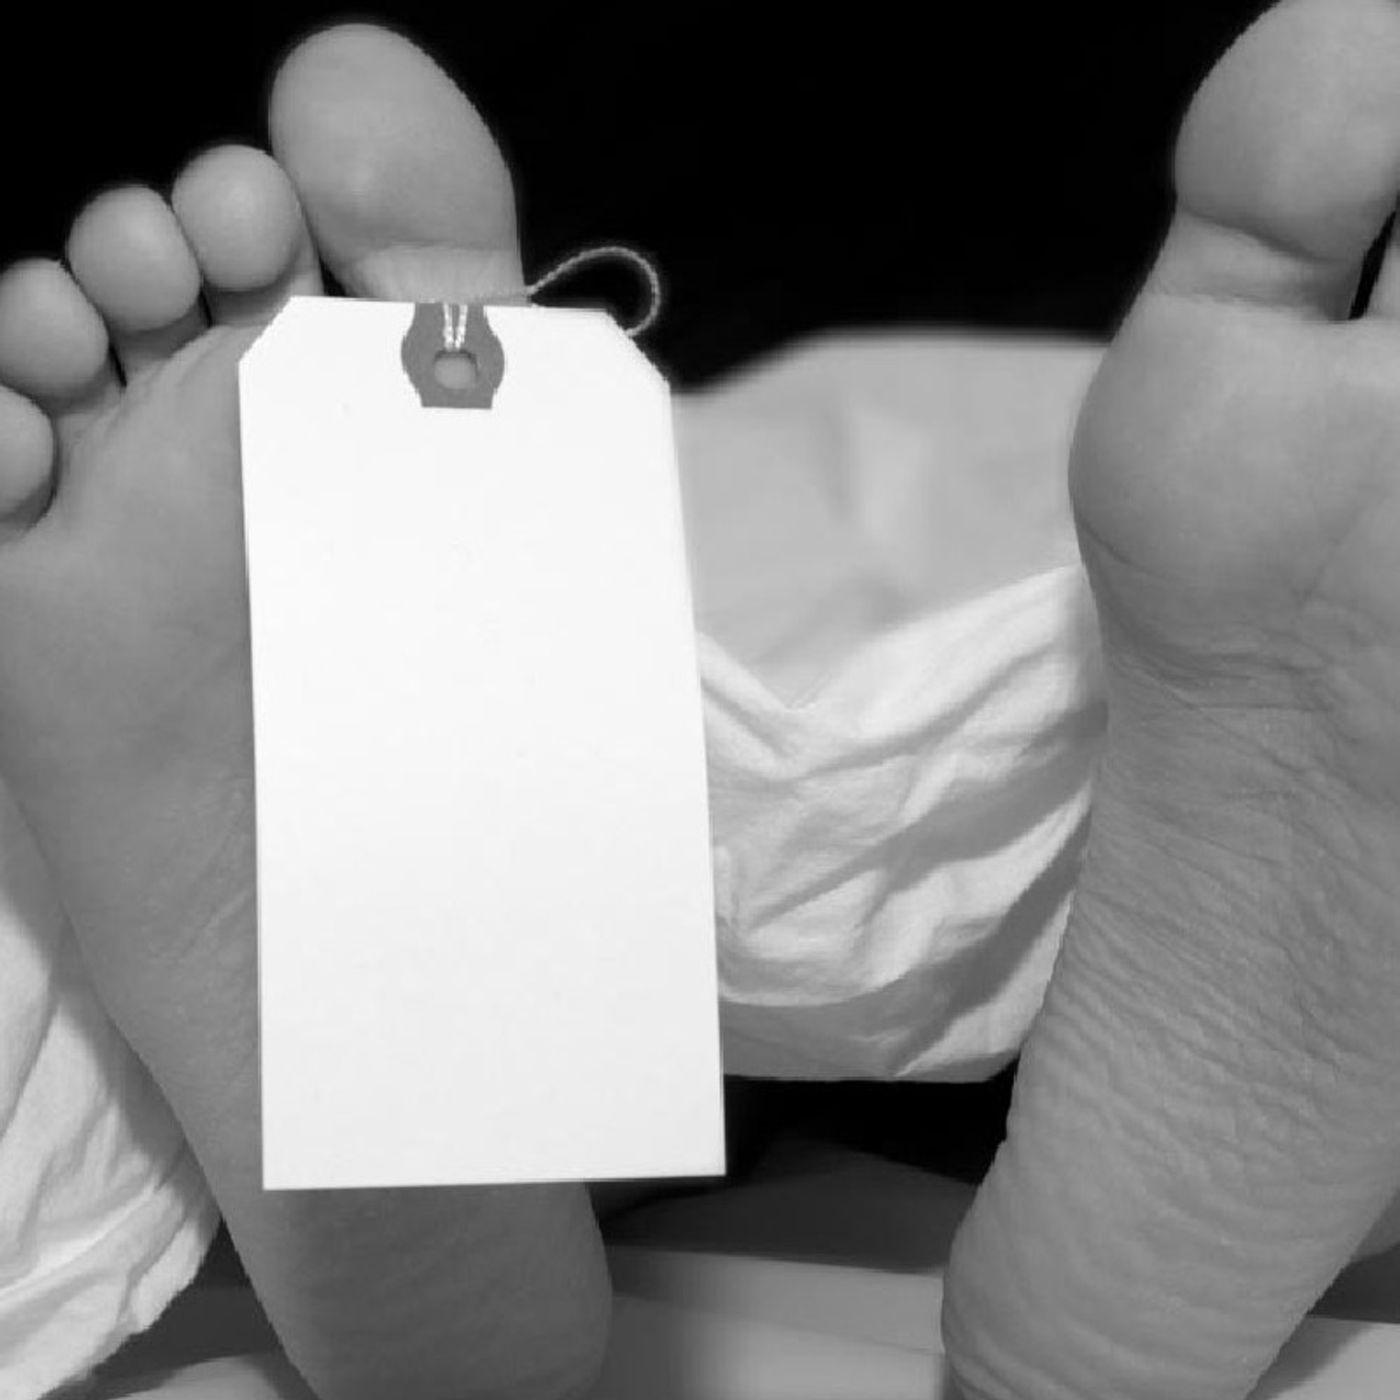 Episode 1327 - Leading Vaccine Scientist Dies of COVID-19